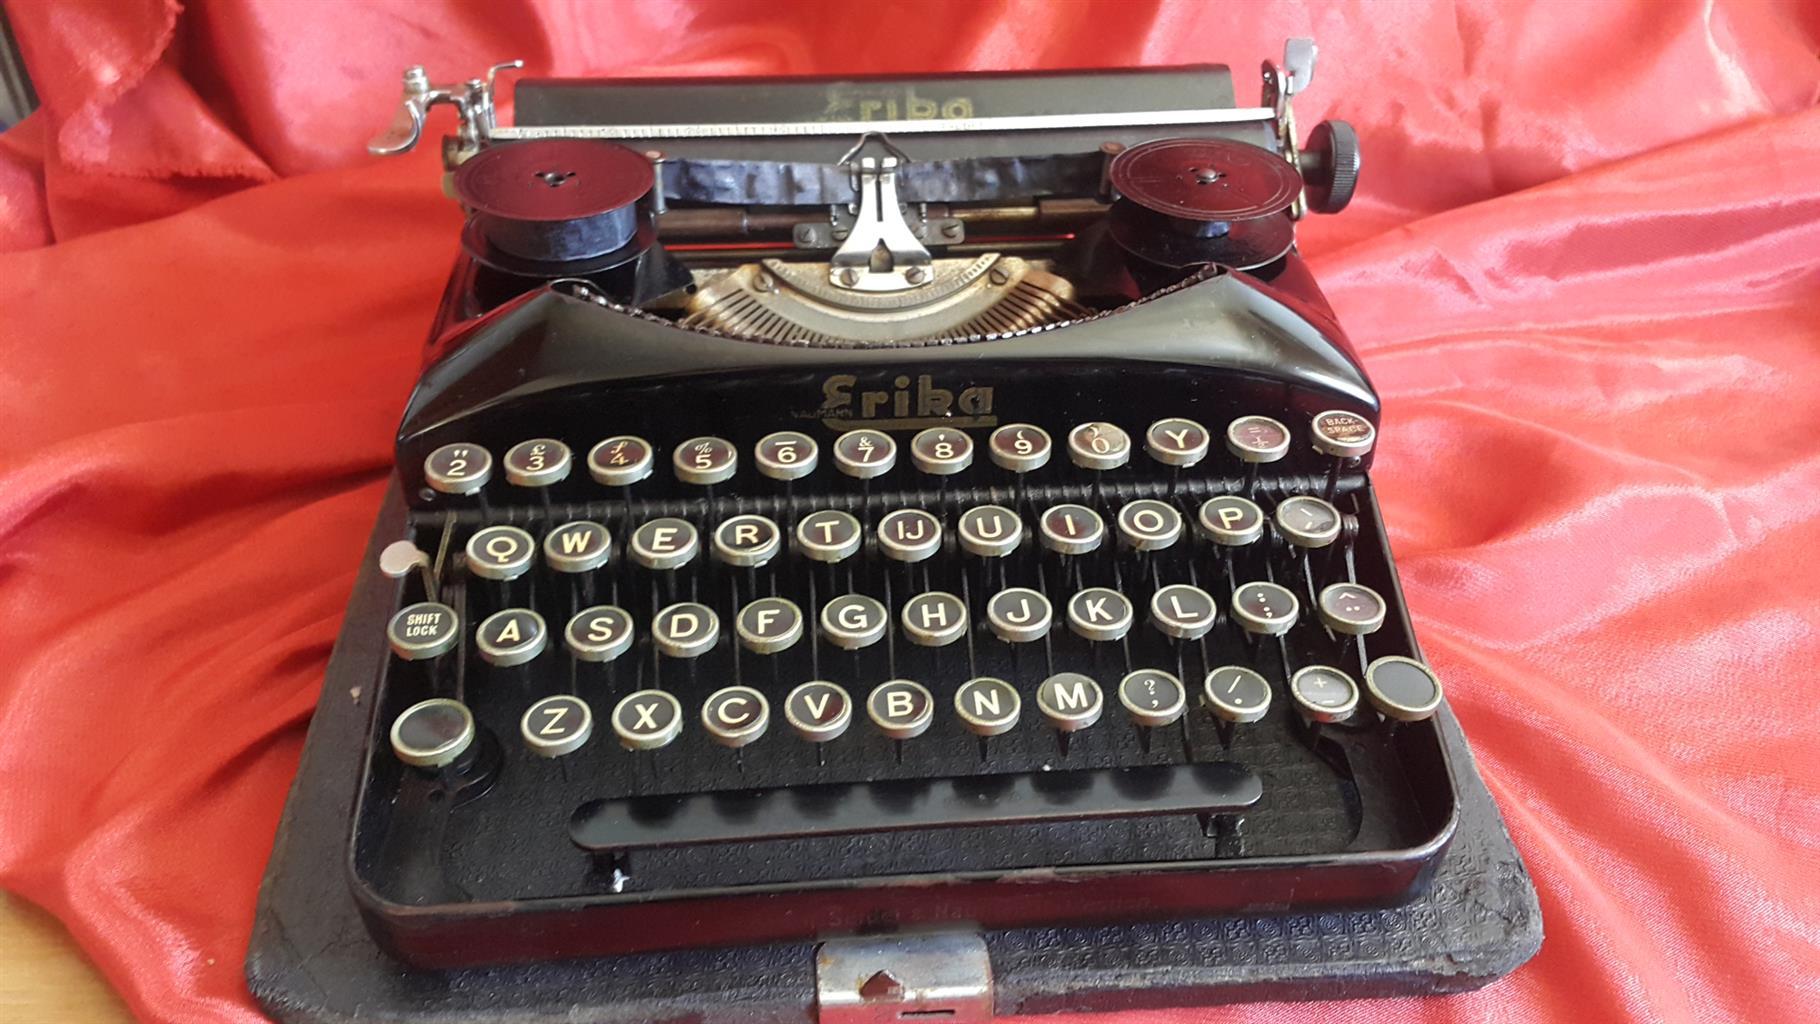 Erika 5 typewriter, serviced